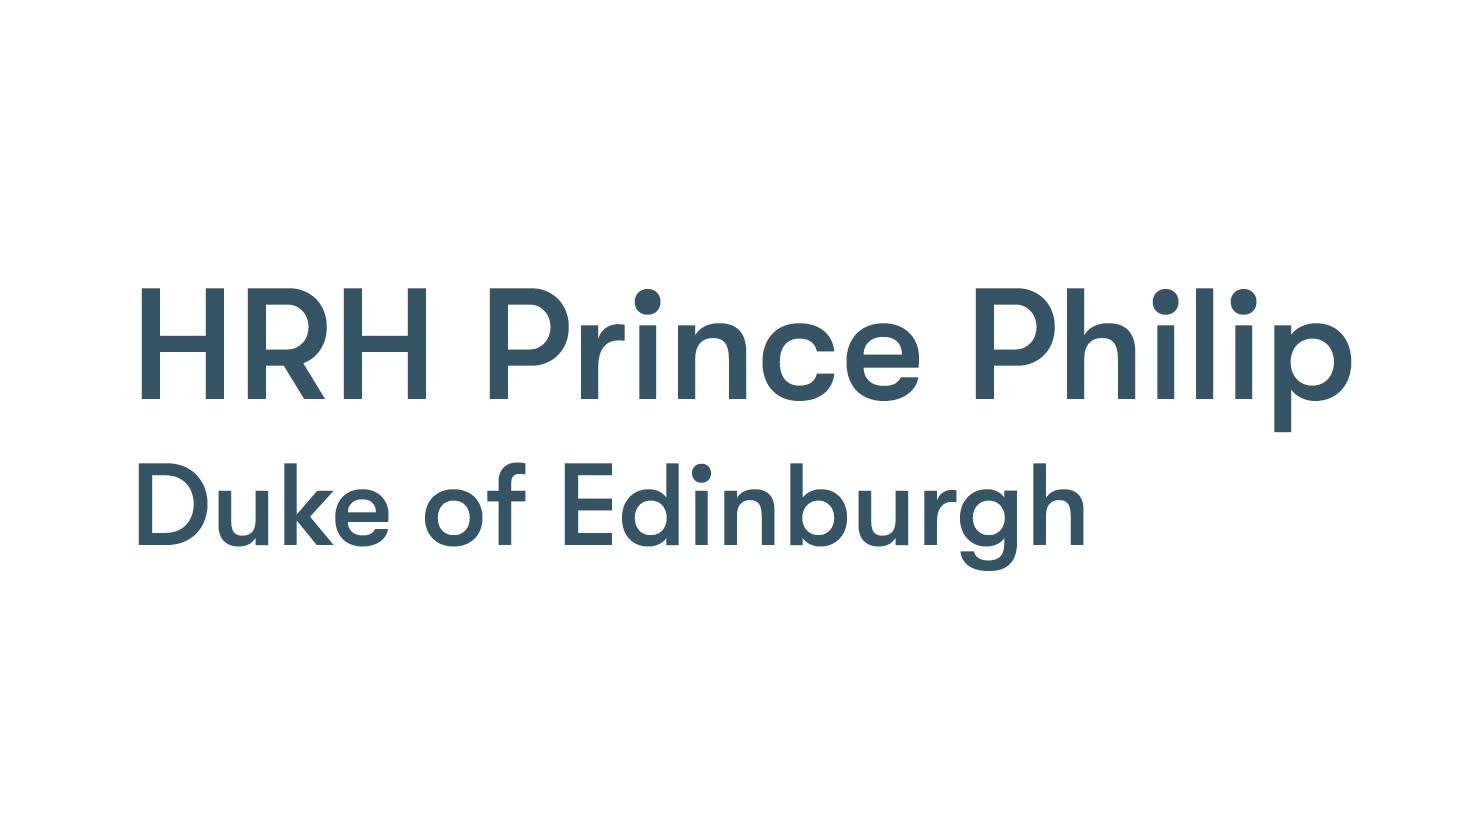 The Box | HRH Prince Philip, Duke of Edinburgh